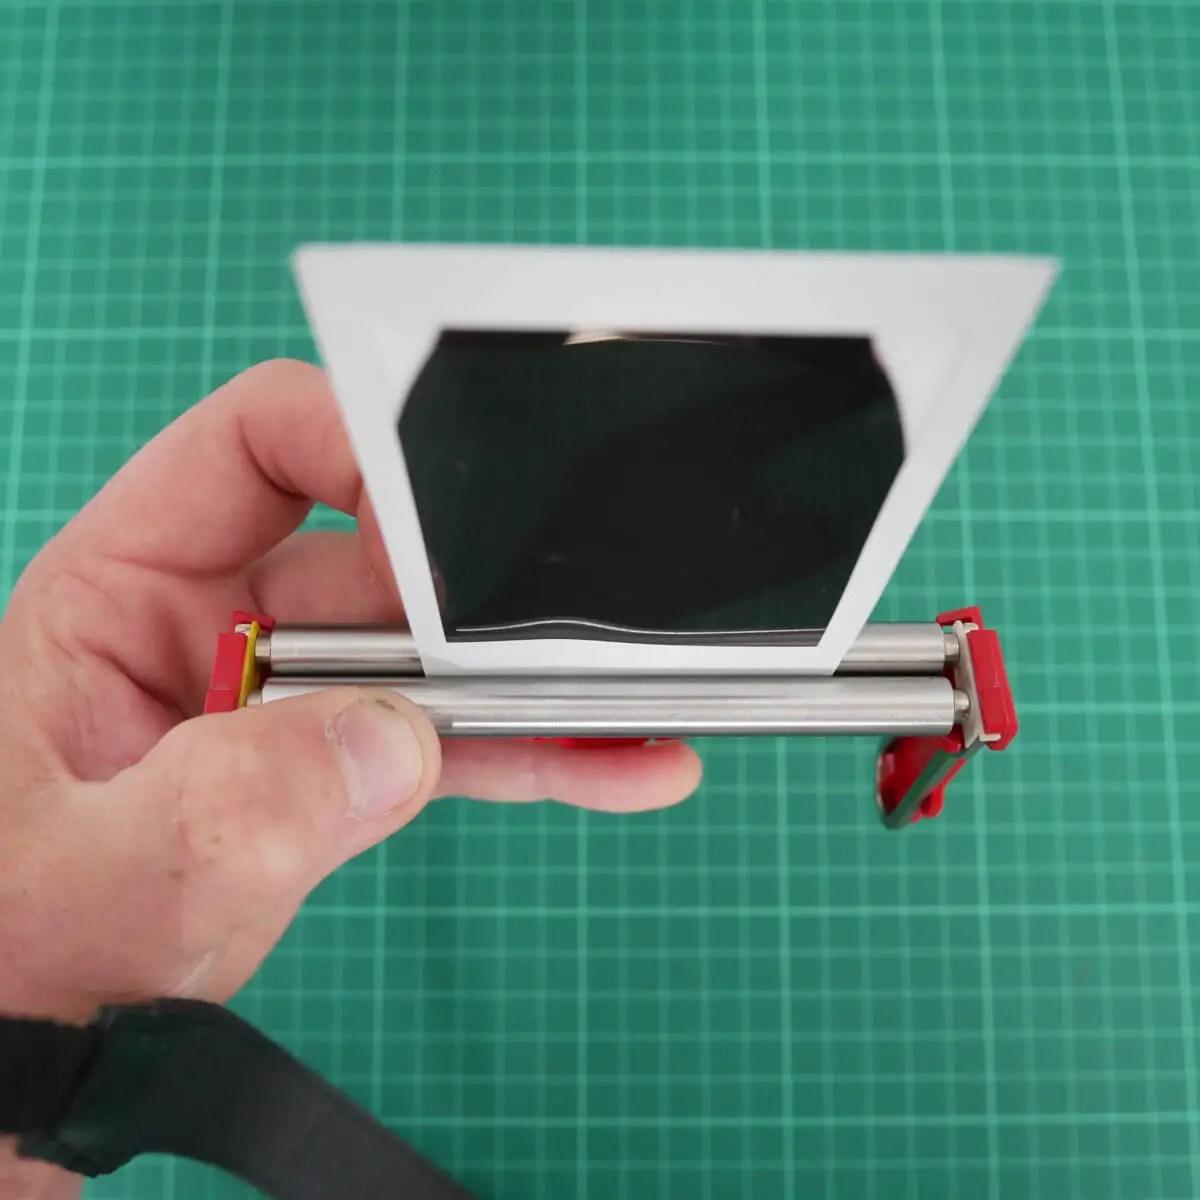 Squeeze - Fujifilm Instax Mini in a 35mm camera